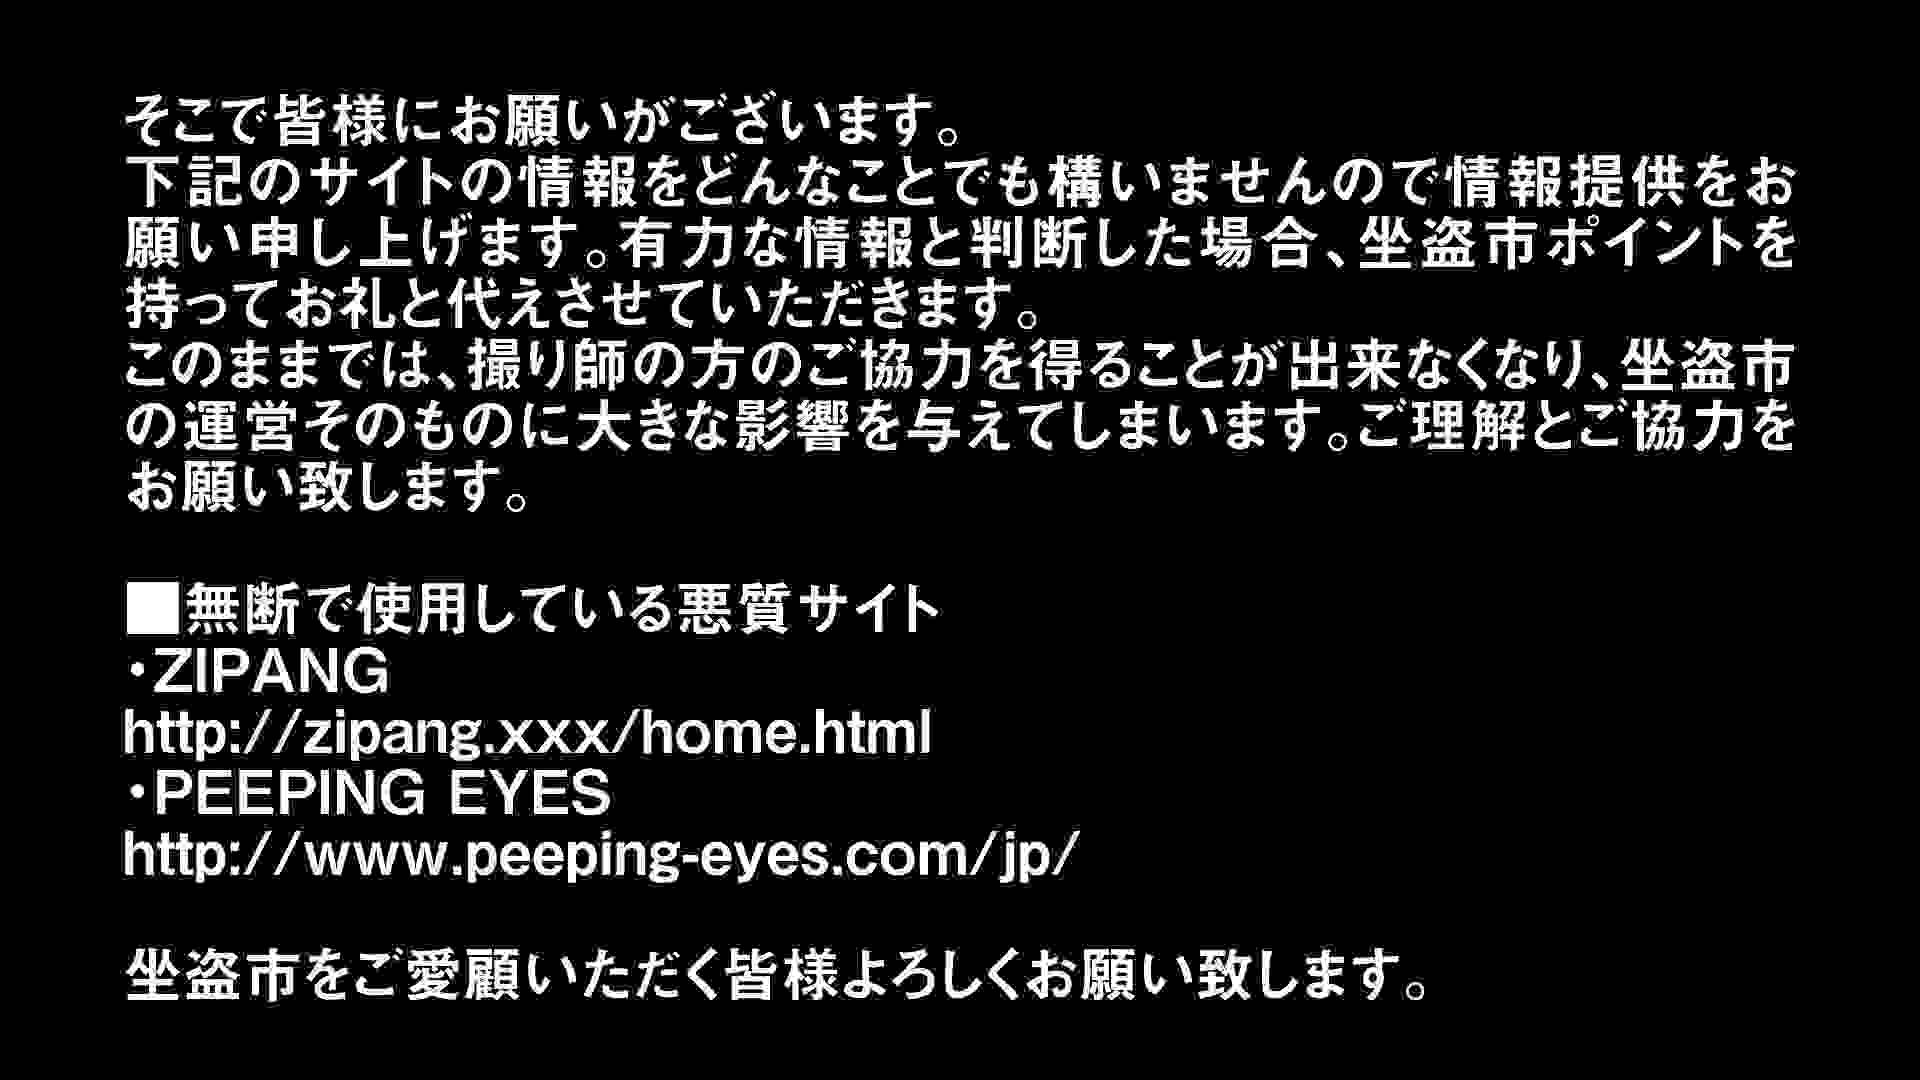 Aquaな露天風呂Vol.296 盗撮  91画像 30